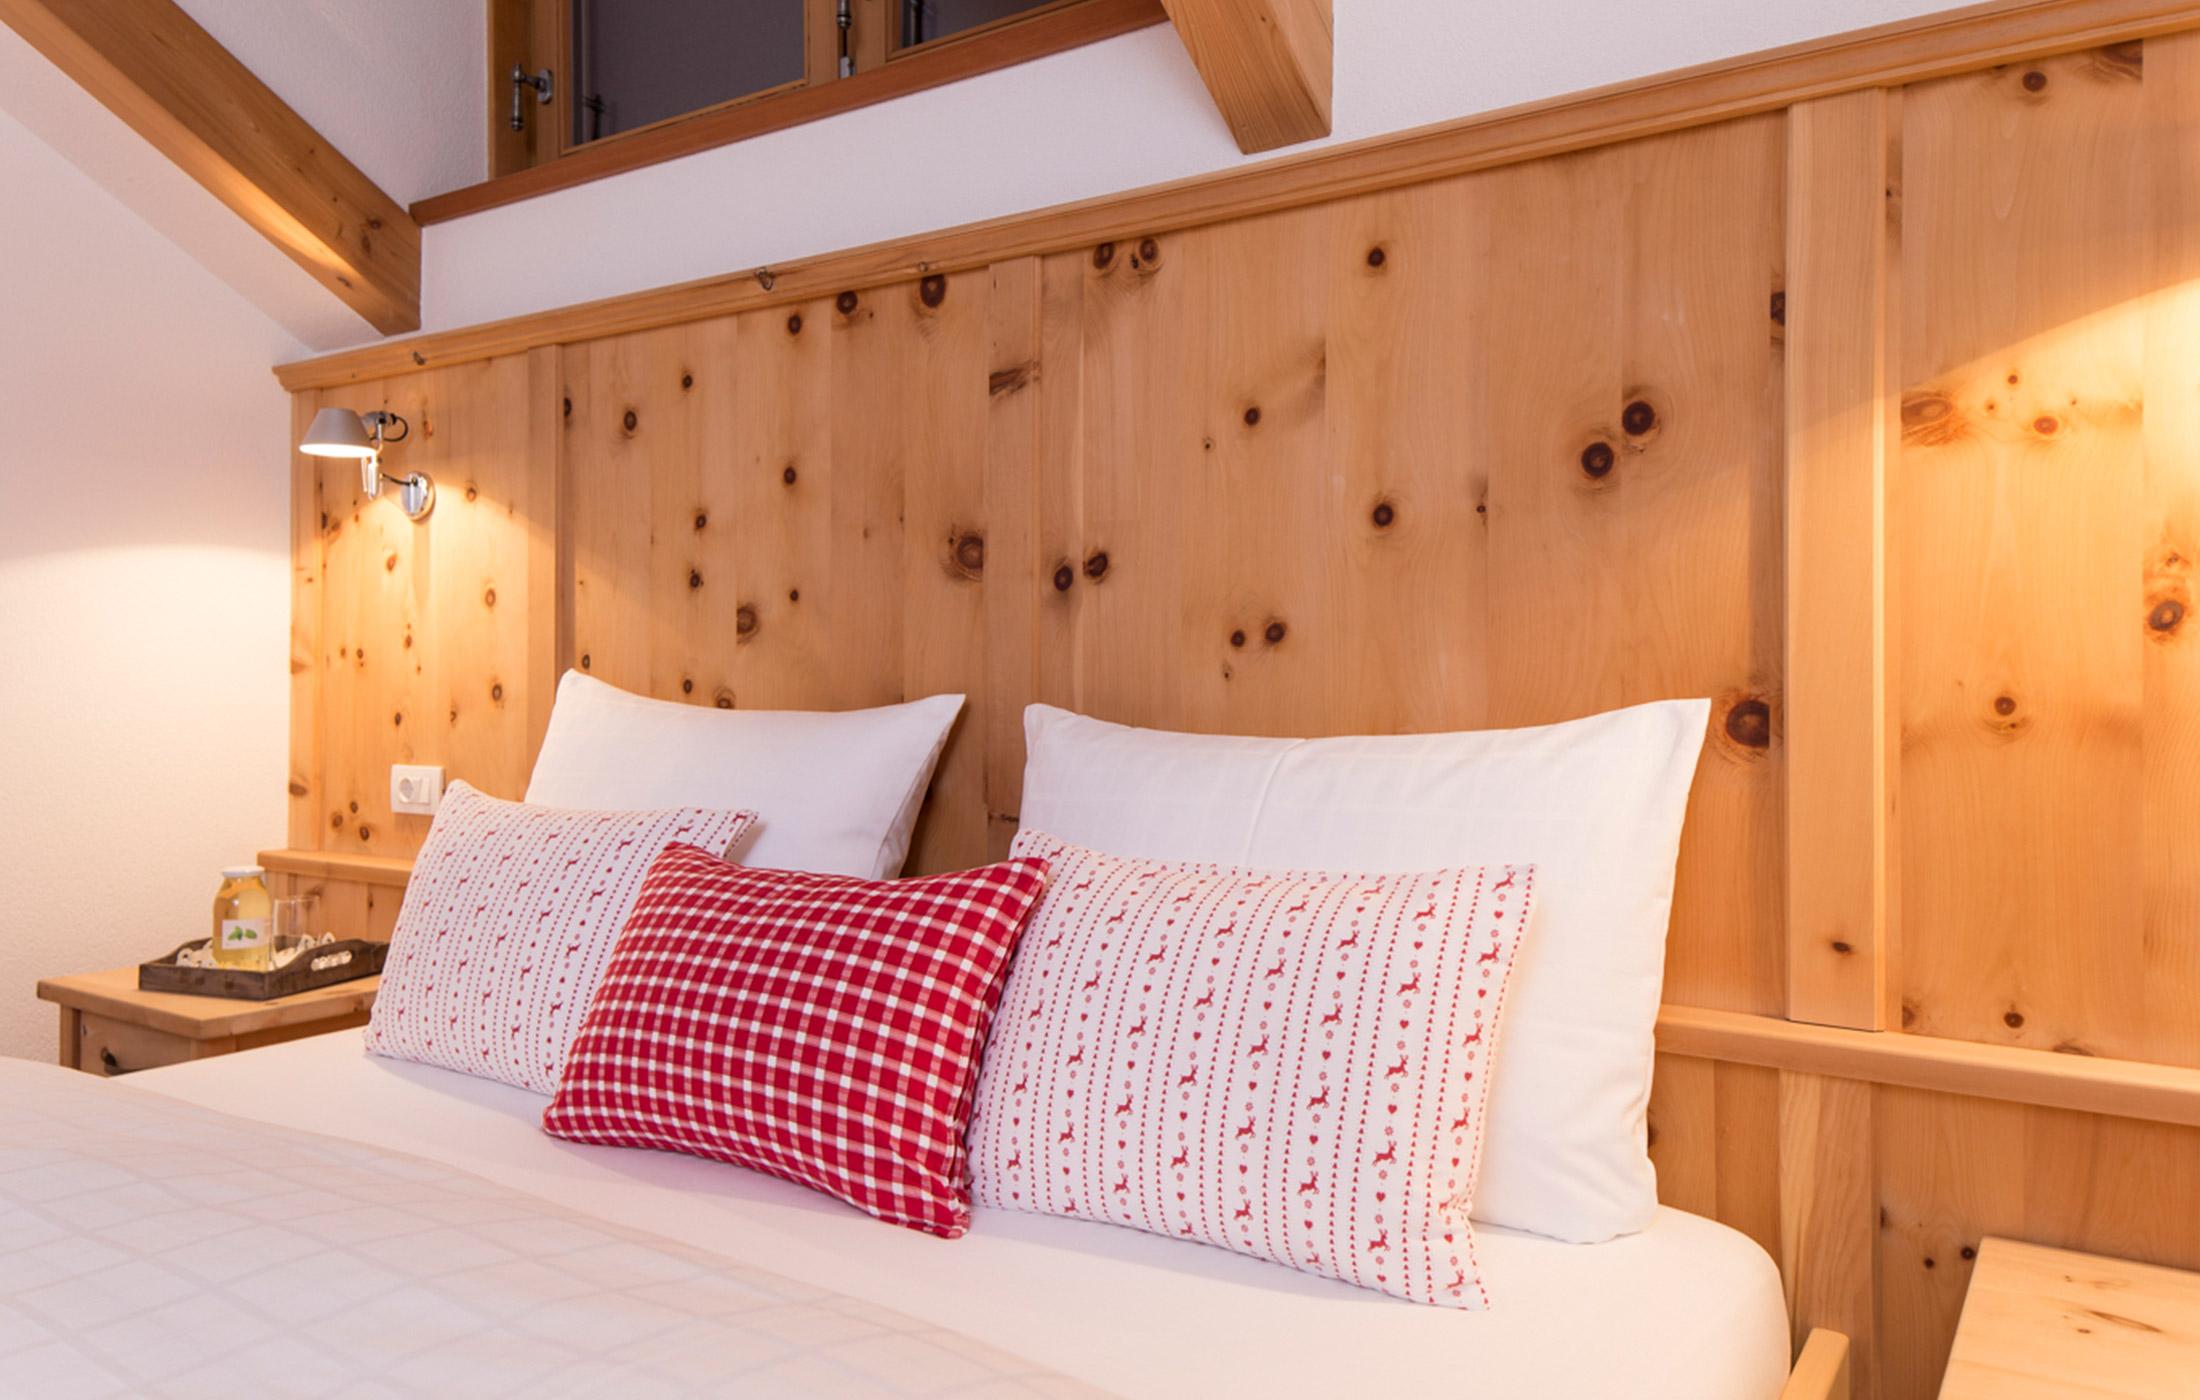 Christlrumerhof Ferienwohnung Schlafzimmer Zirbe